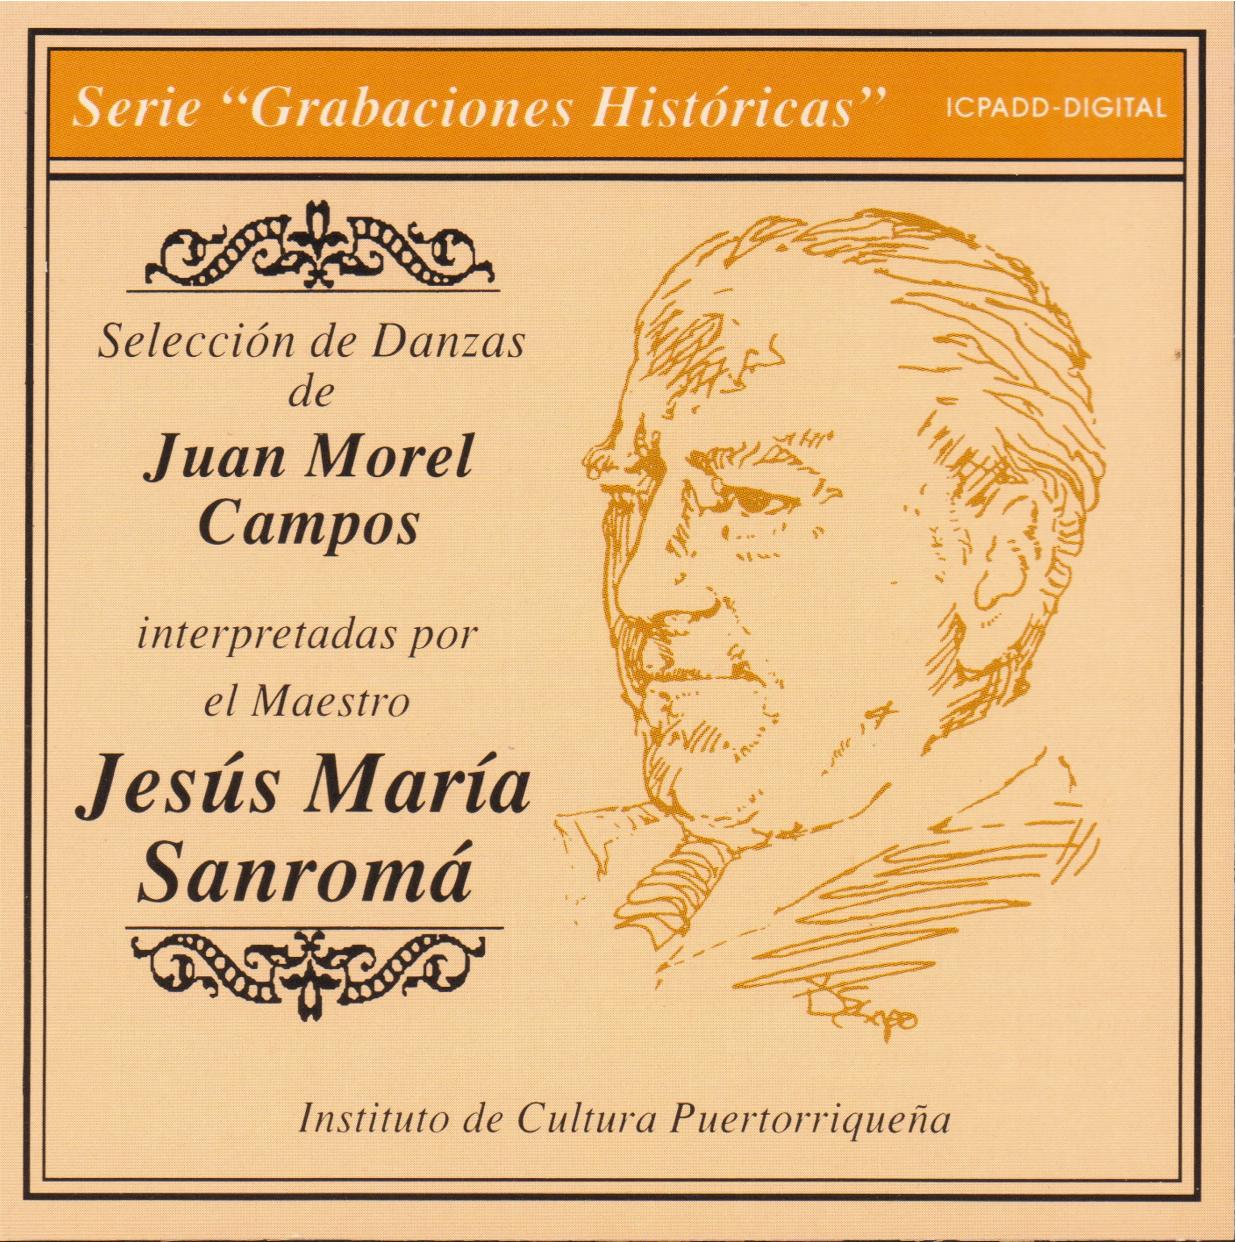 Grabaciones Históricas: Selección de danzas de Juan Morel Campos